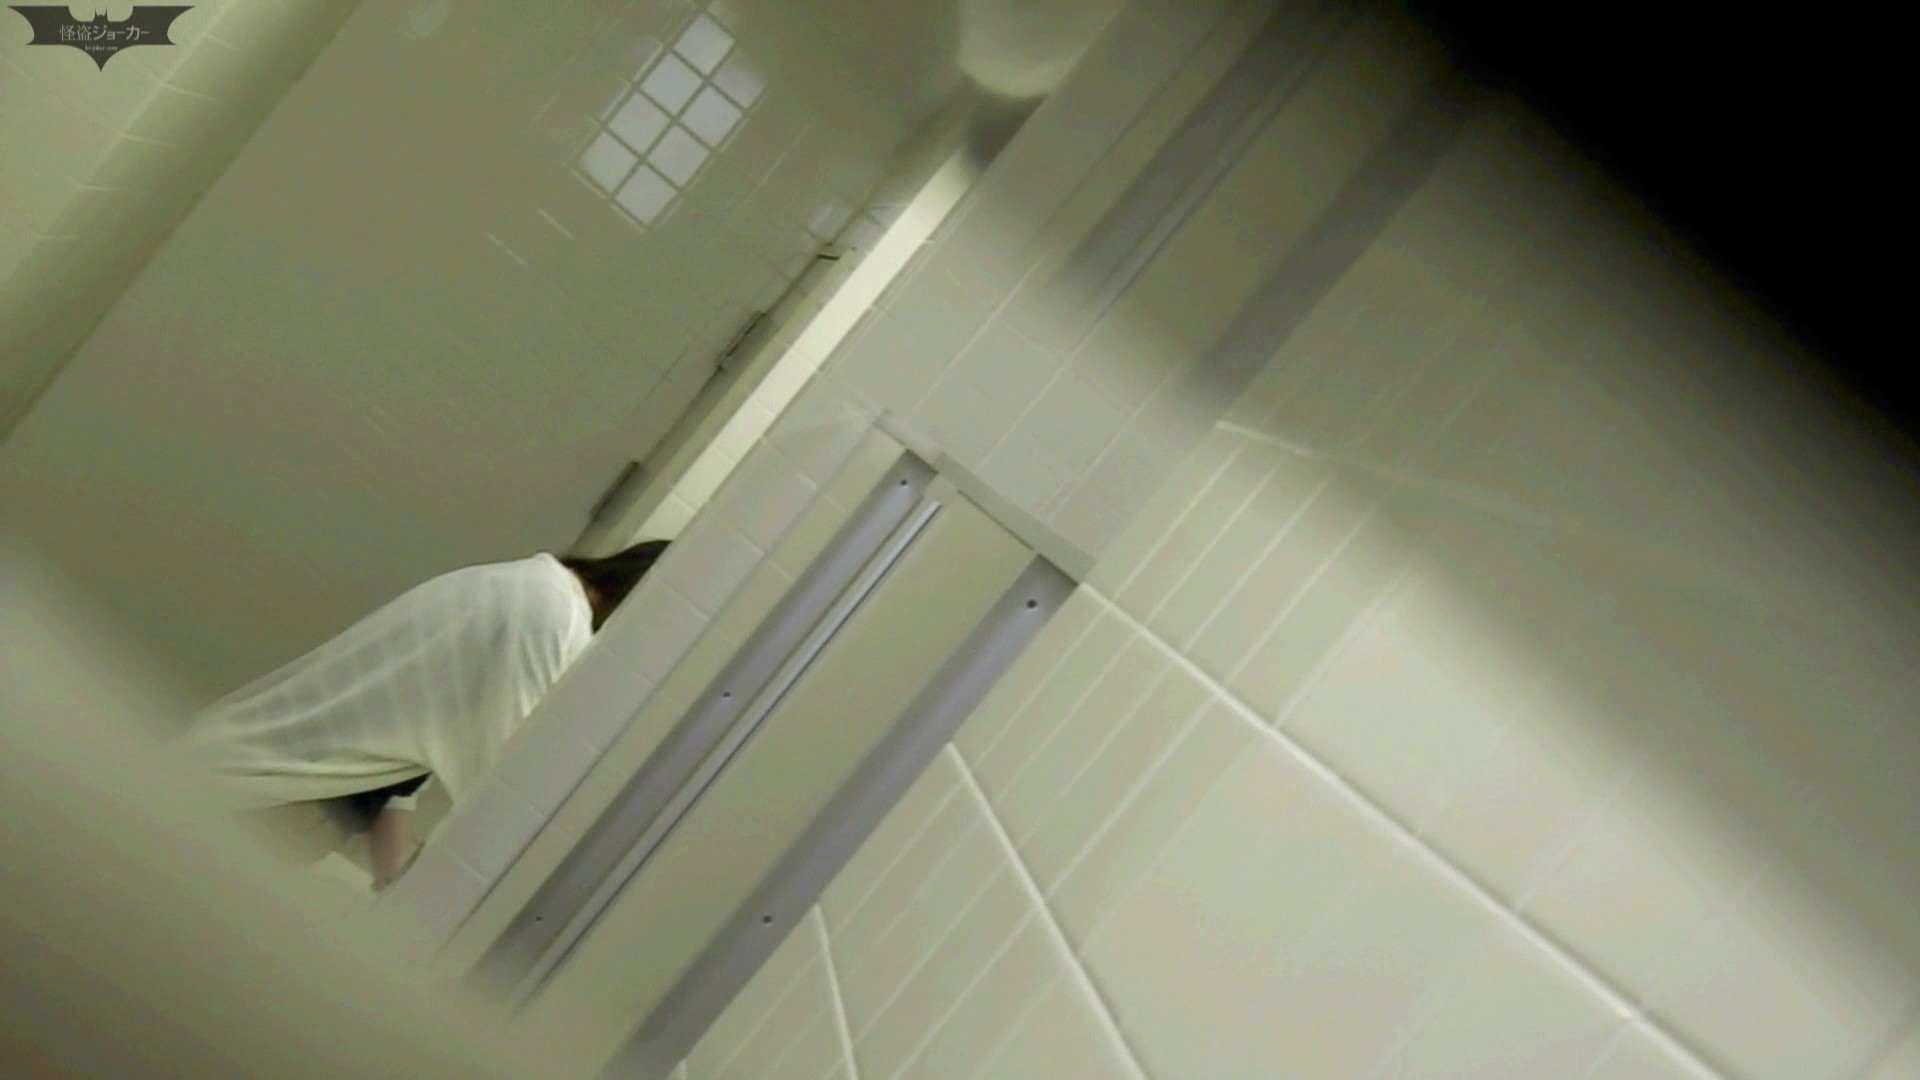 お銀 vol.68 無謀に通路に飛び出て一番明るいフロント撮り実現、見所満載 洗面所   0  93連発 57